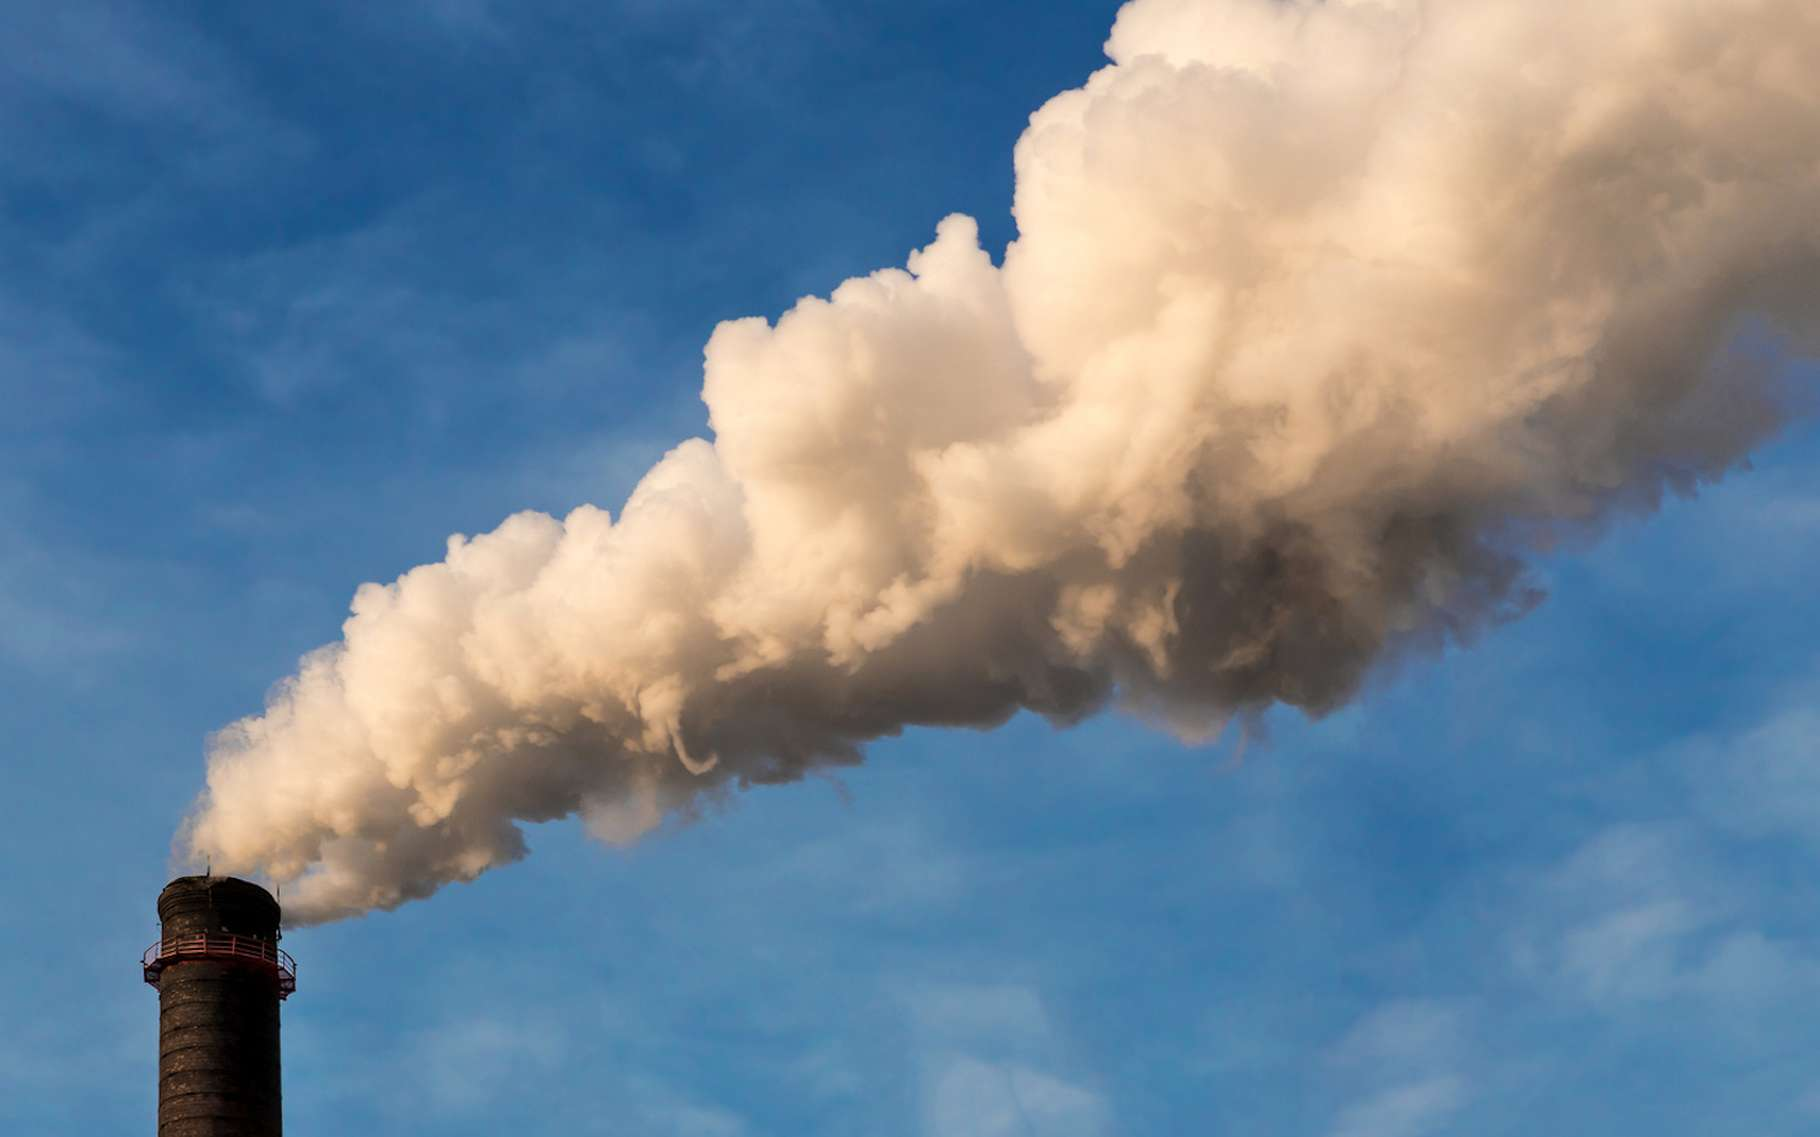 Début mai, les médias avaient déjà cru au dépassement du seuil symbolique des 415 parties par million de CO2 dans notre atmosphère. Les données avaient ensuite été révisées. Mais aujourd'hui plus de doute, l'observatoire de Mauna Loa, à Hawaï (États-Unis), a bien enregistré un nouveau record. © Artem Zarubi, Fotolia